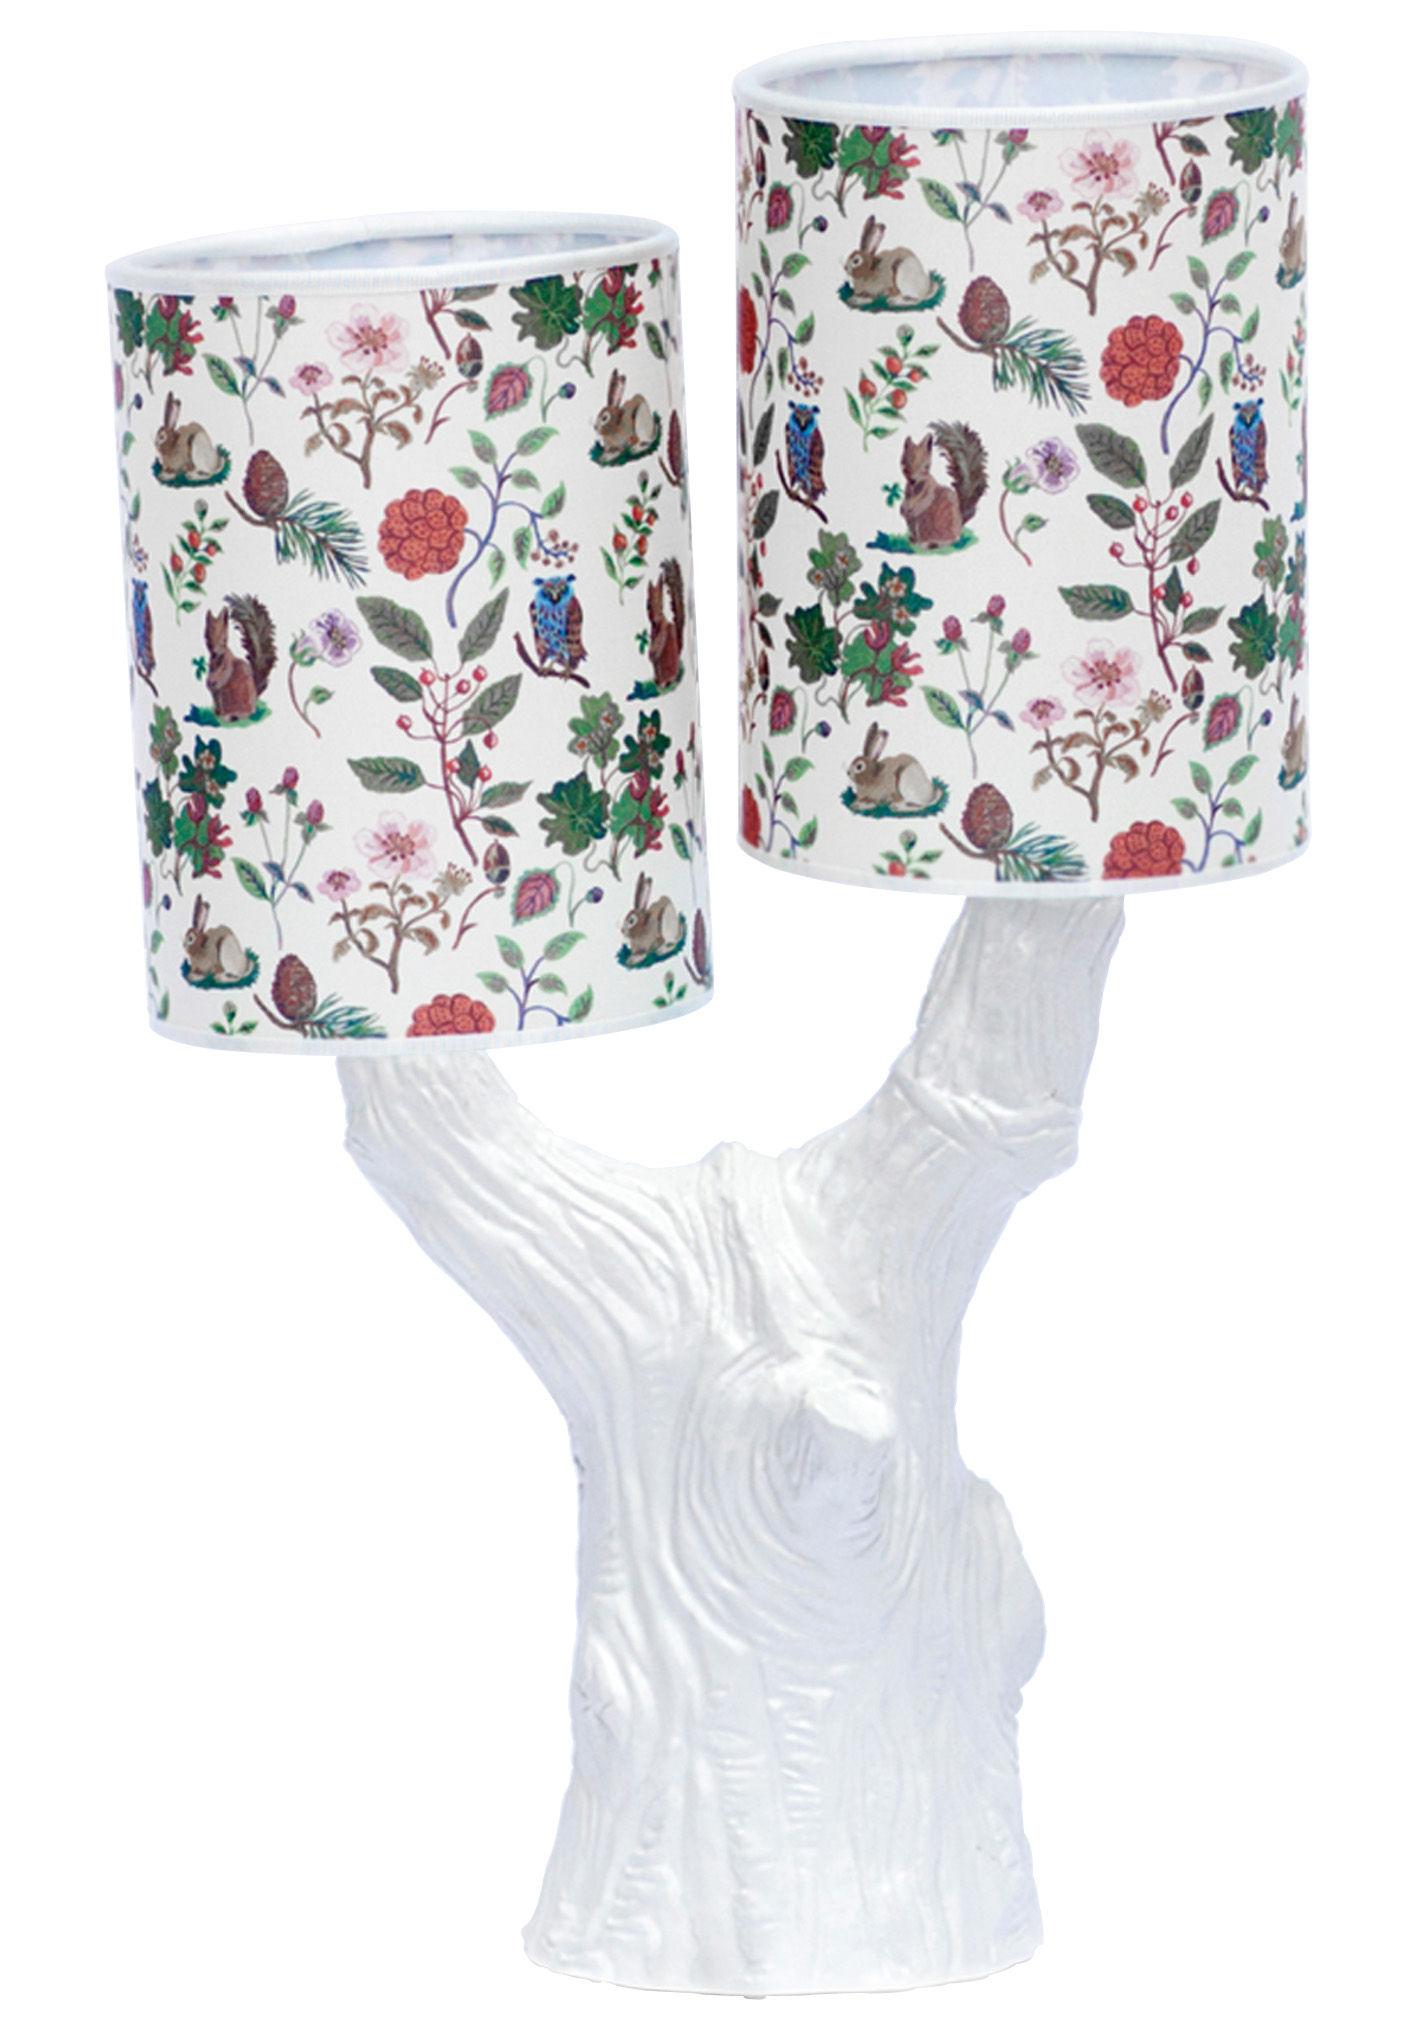 Illuminazione - Lampade da tavolo - Lampada Y&M - /Con 2 paralumi di Domestic - Arbre bianco / 2 paralumi motivi Automne - Cotone serigrafato, Terracotta smaltata